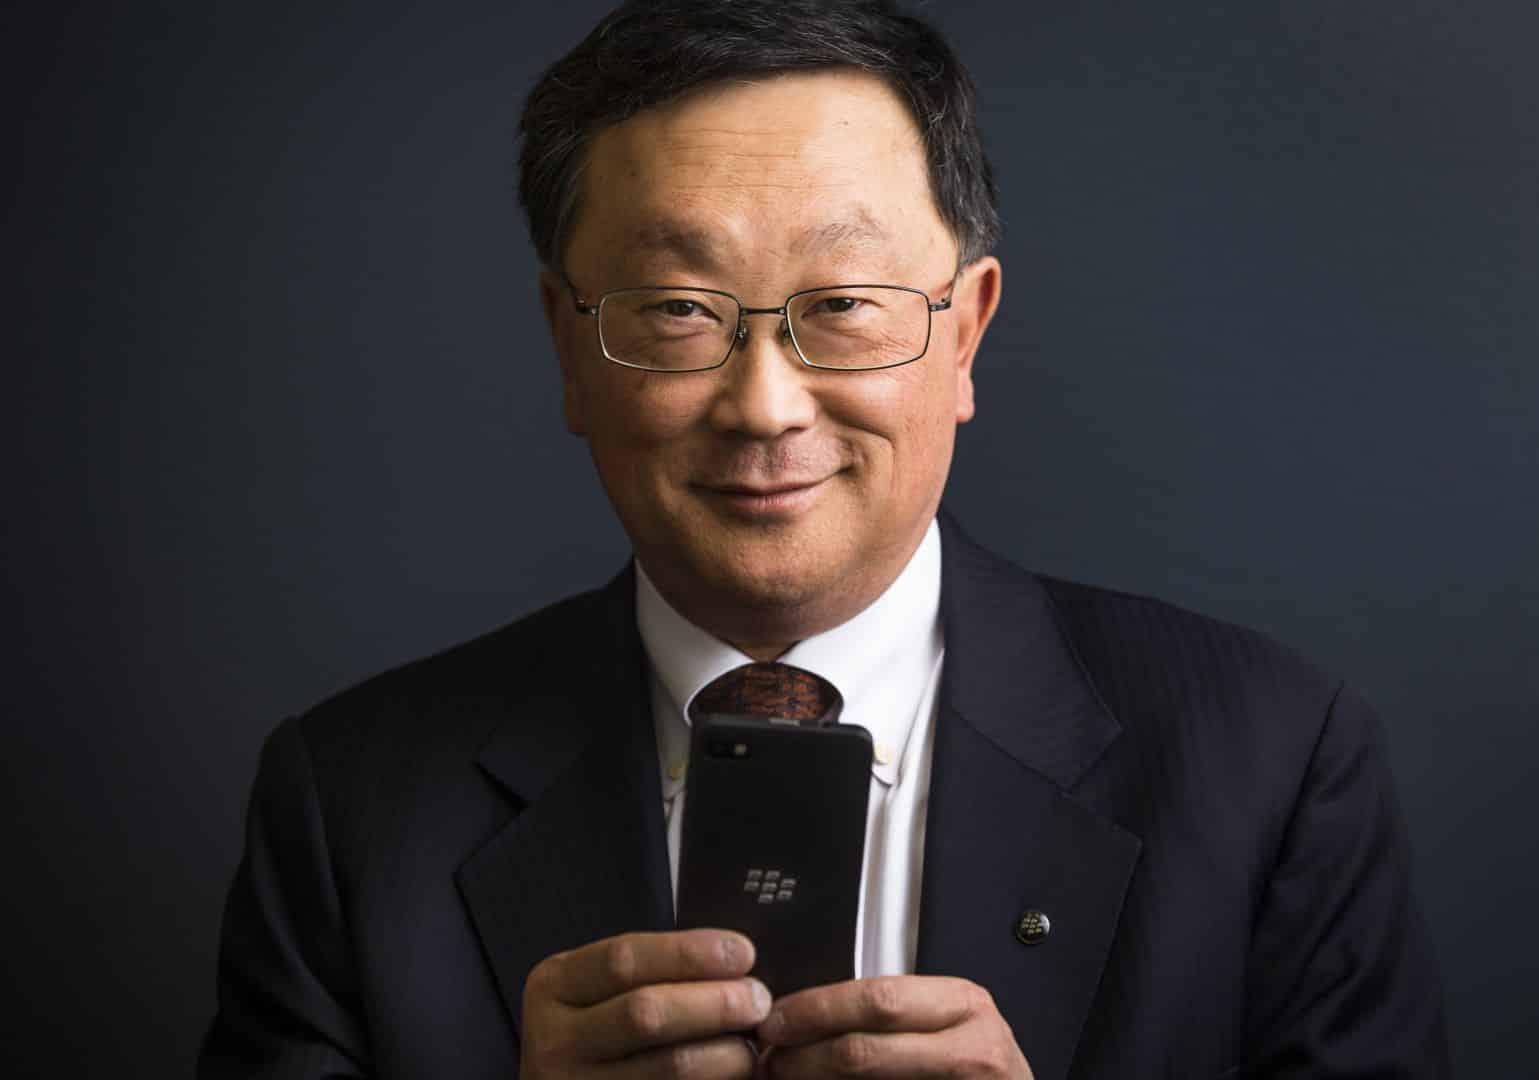 John-Chen-BlackBerry-1 كيفية إنقاذ الشركات من الإفلاس: دروس من جون تشين في بلاكبيري